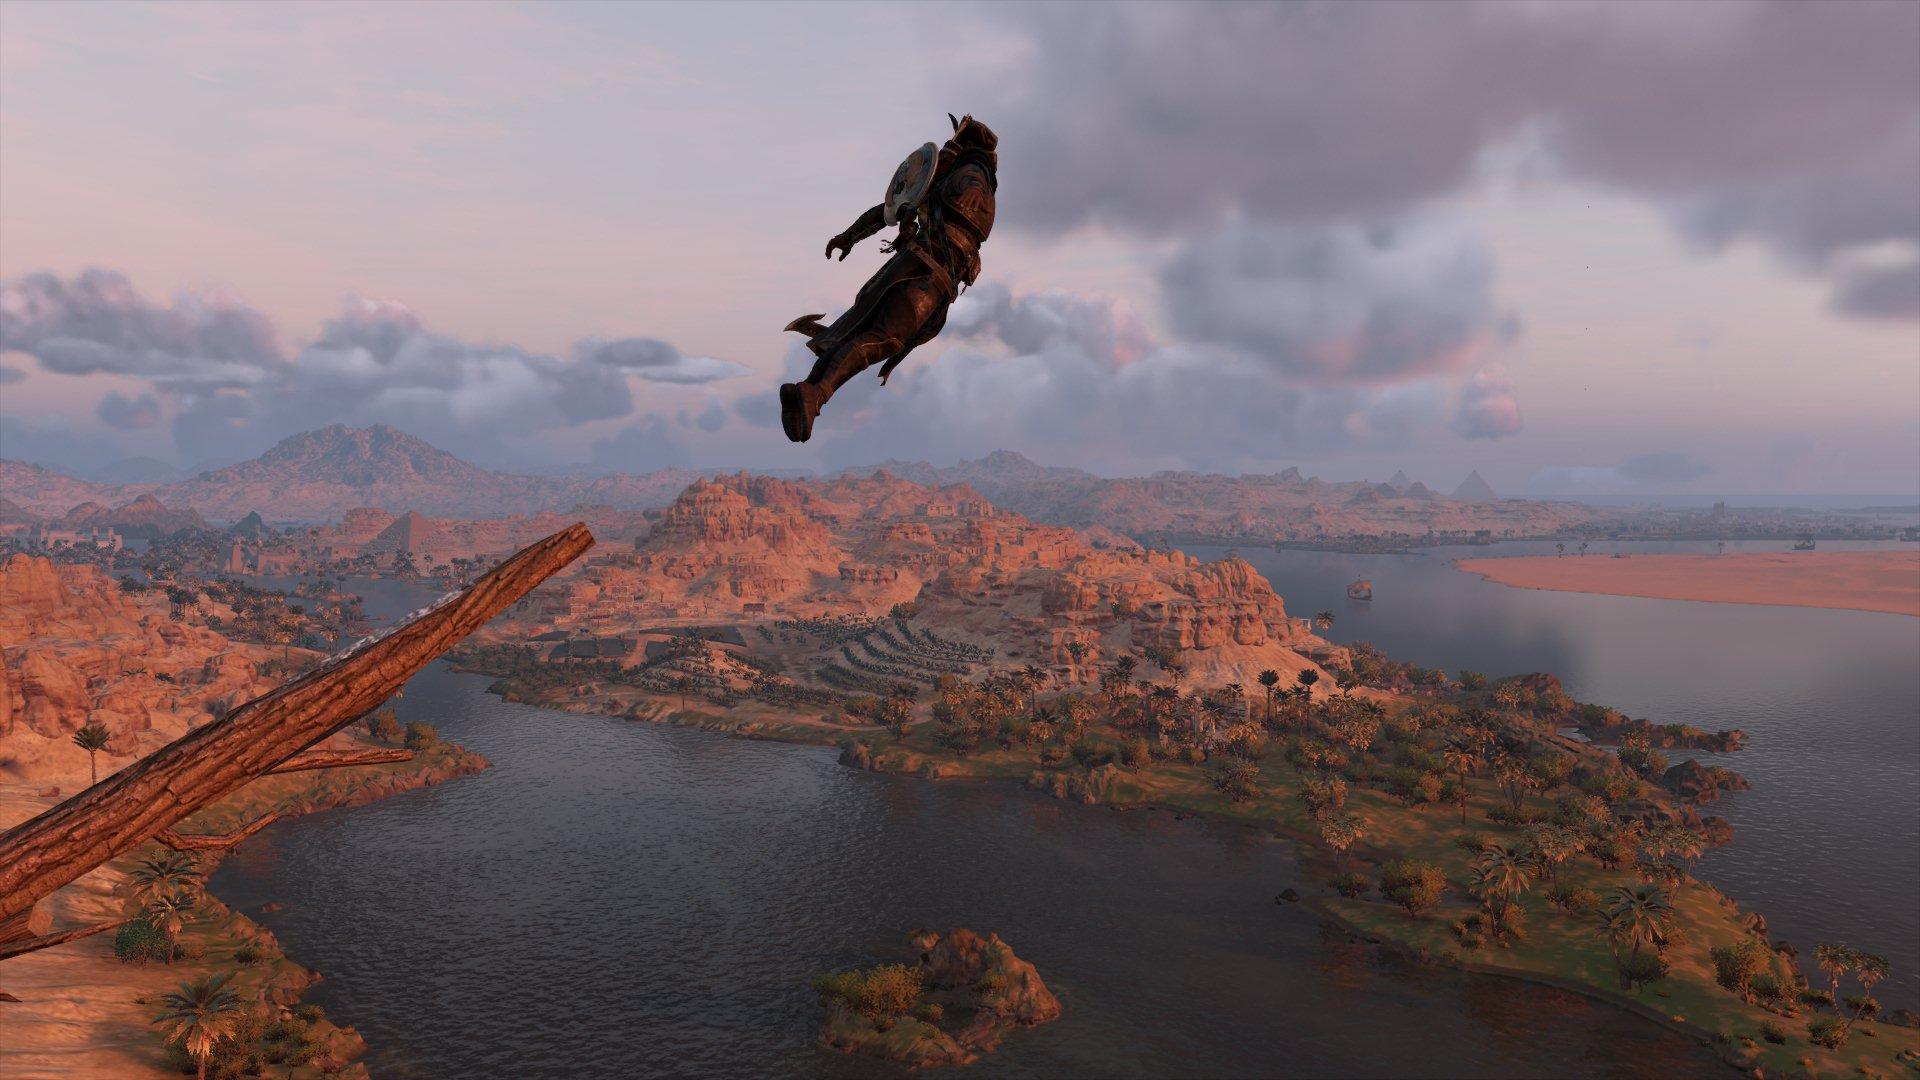 20180219151506.jpg - Assassin's Creed: Origins